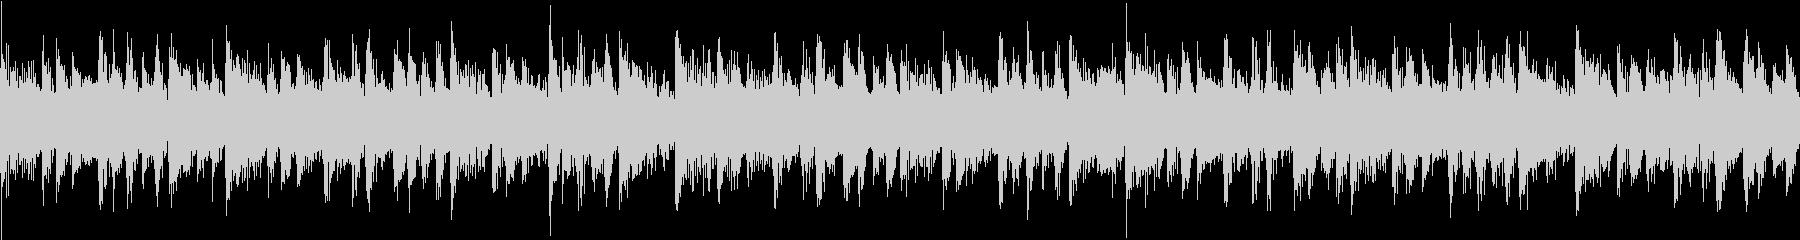 色々なBGMに使えるループサウンドの未再生の波形